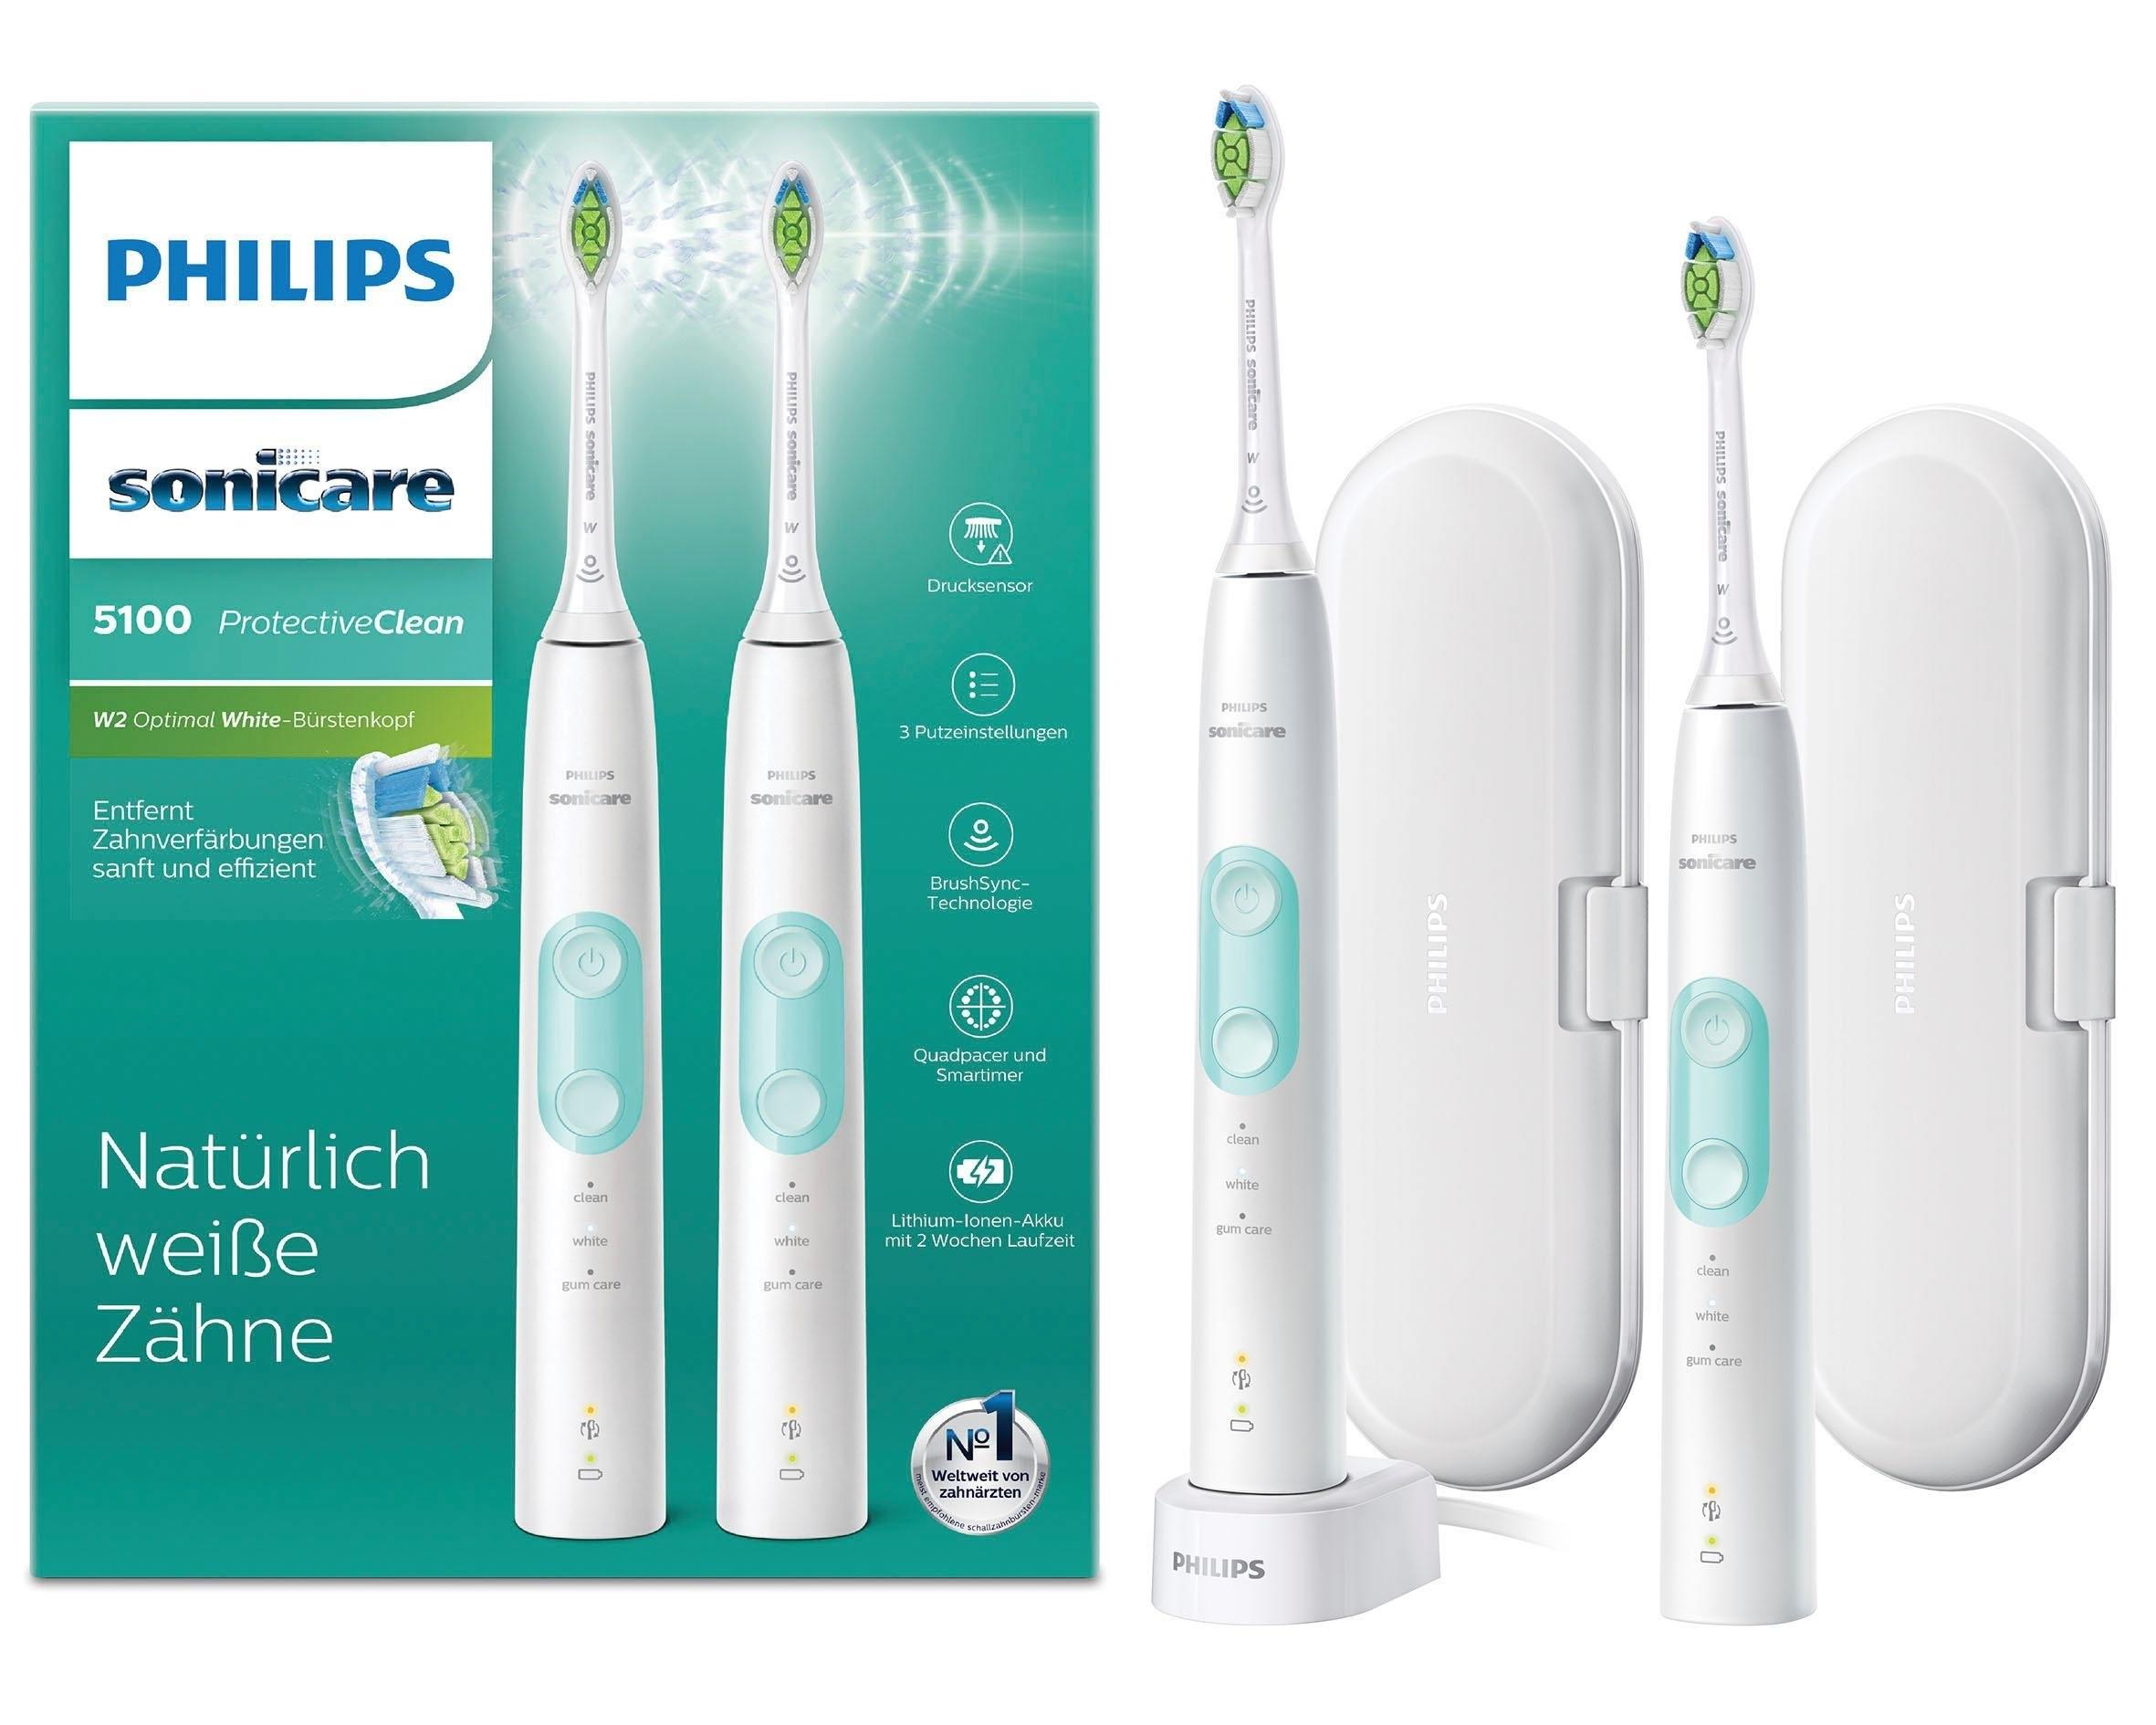 Philips Sonicare elektrische tandenborstel HX6857/34 ProtectiveClean ultrasone tandenborstel 5100, druksensor, 3 programma's, set van 2 goedkoop op otto.nl kopen